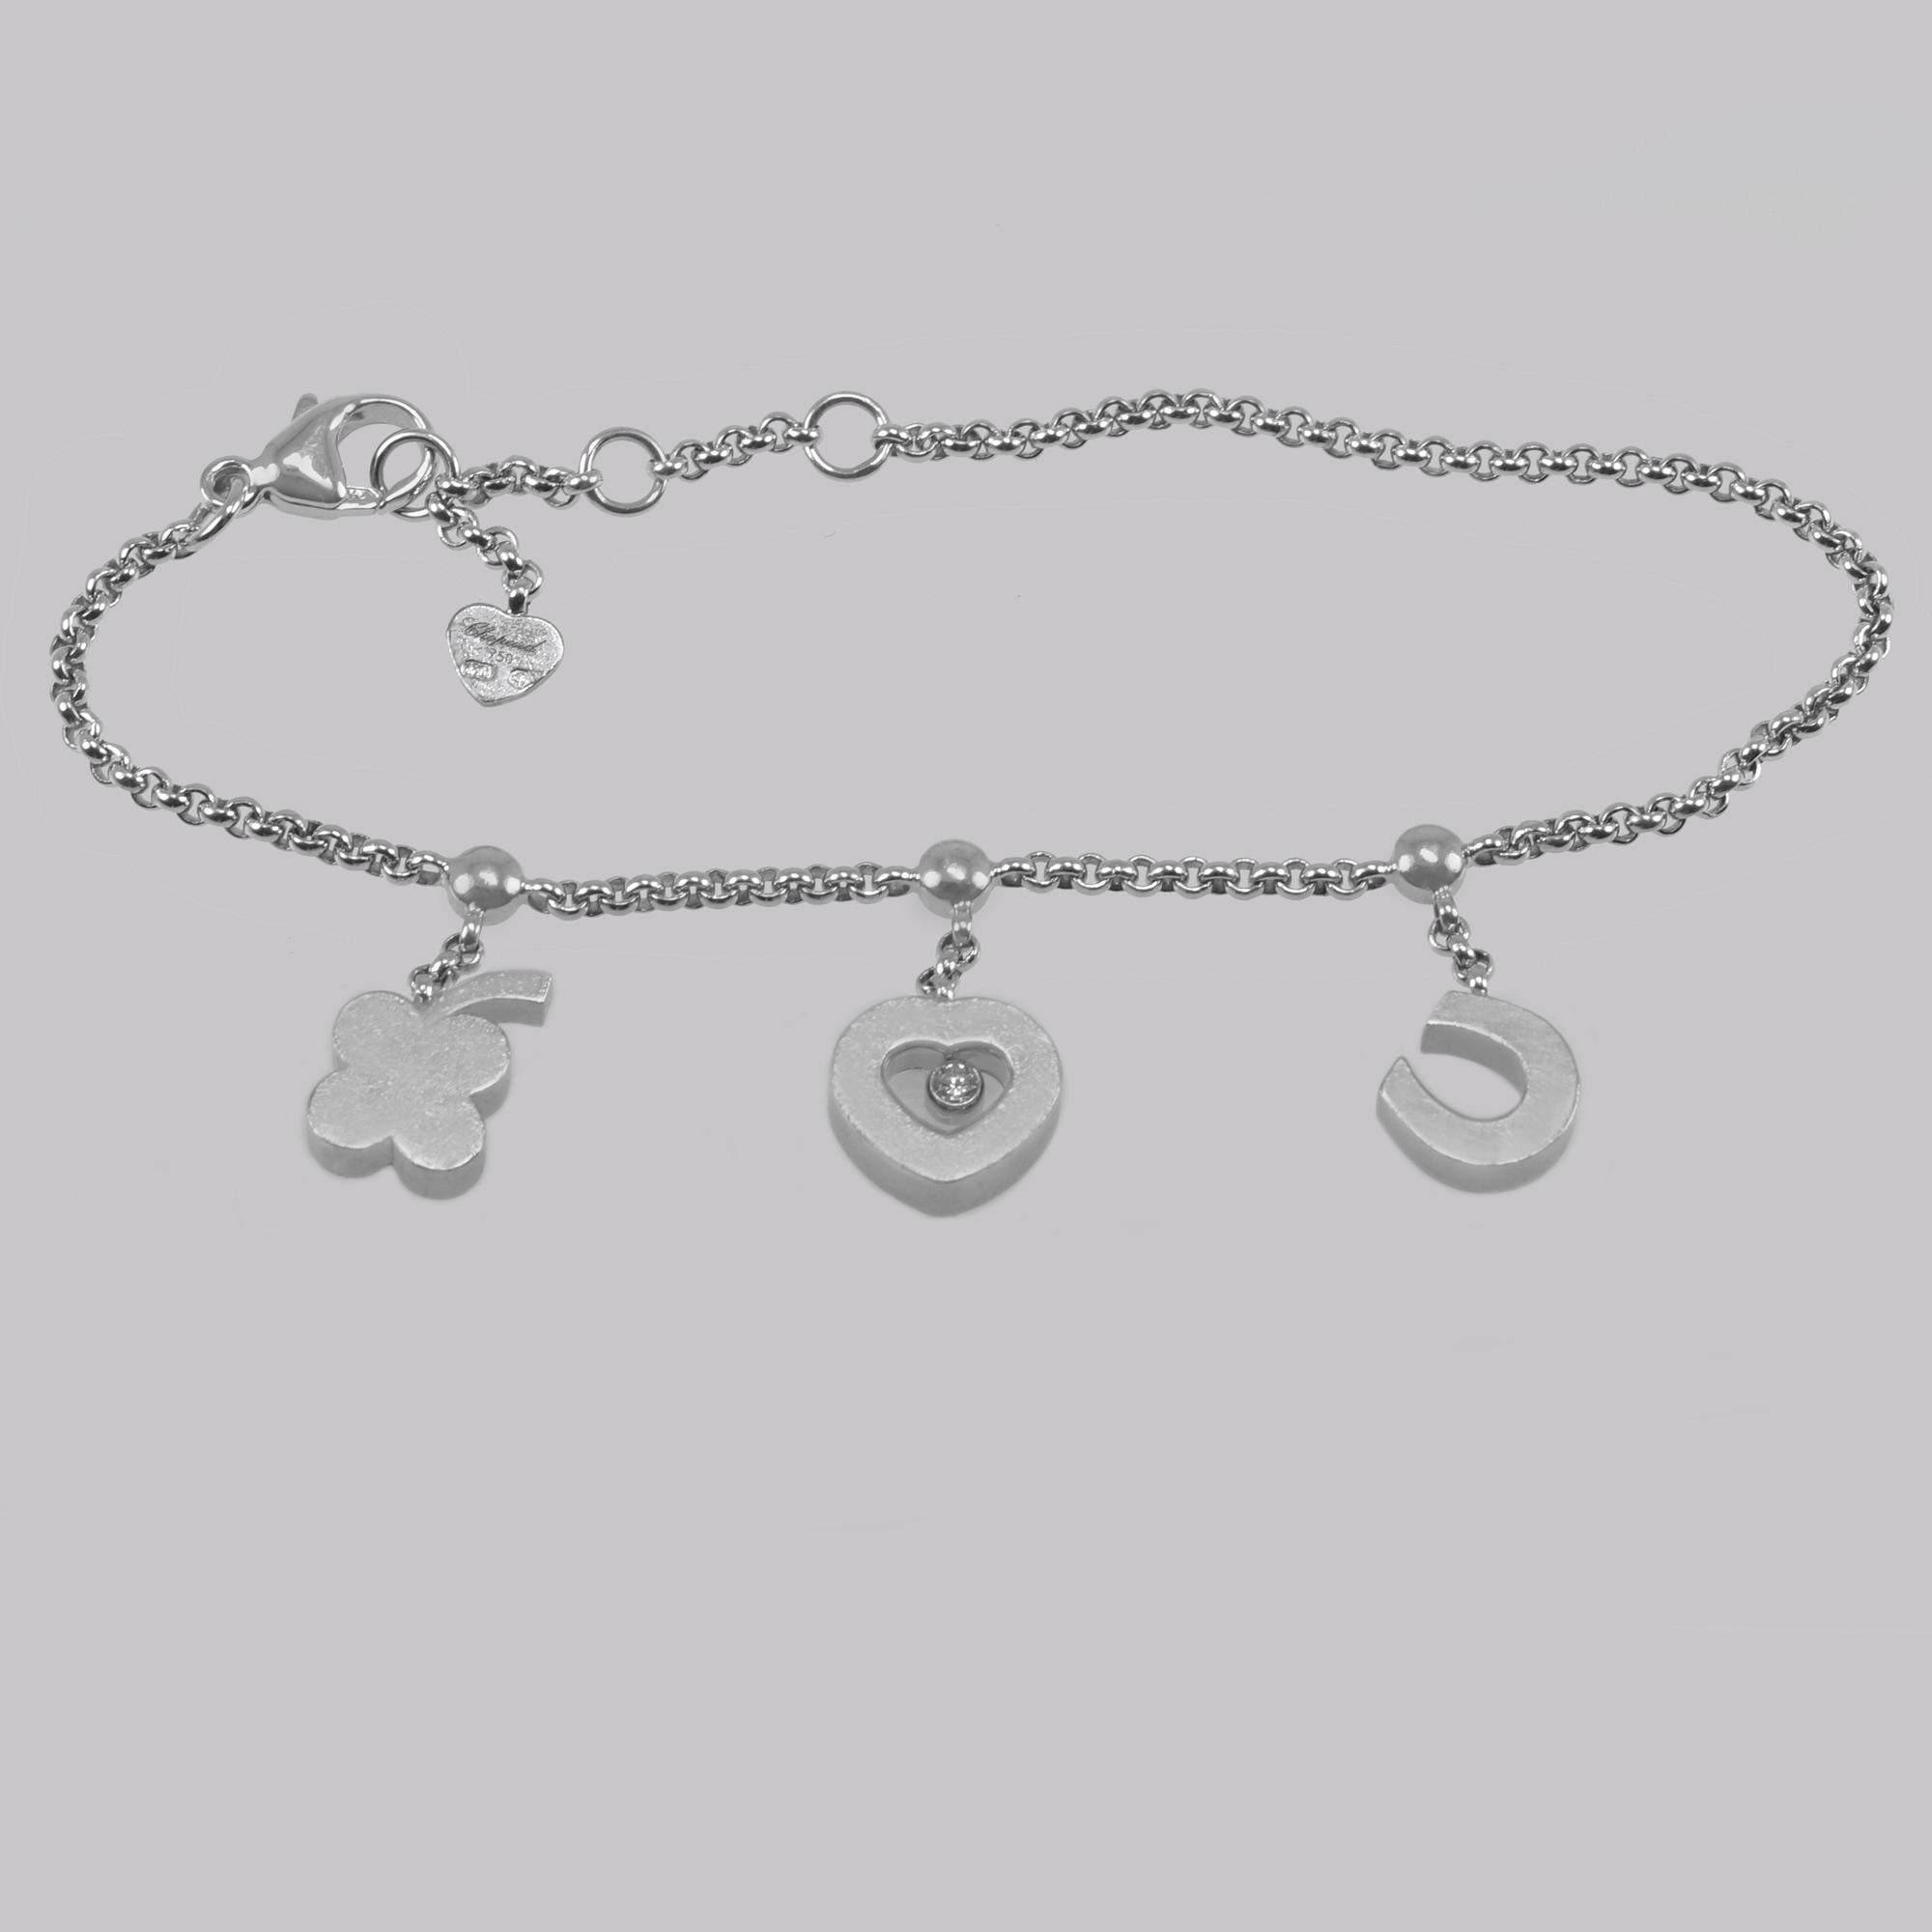 Chopard Diamond Charm Bracelet